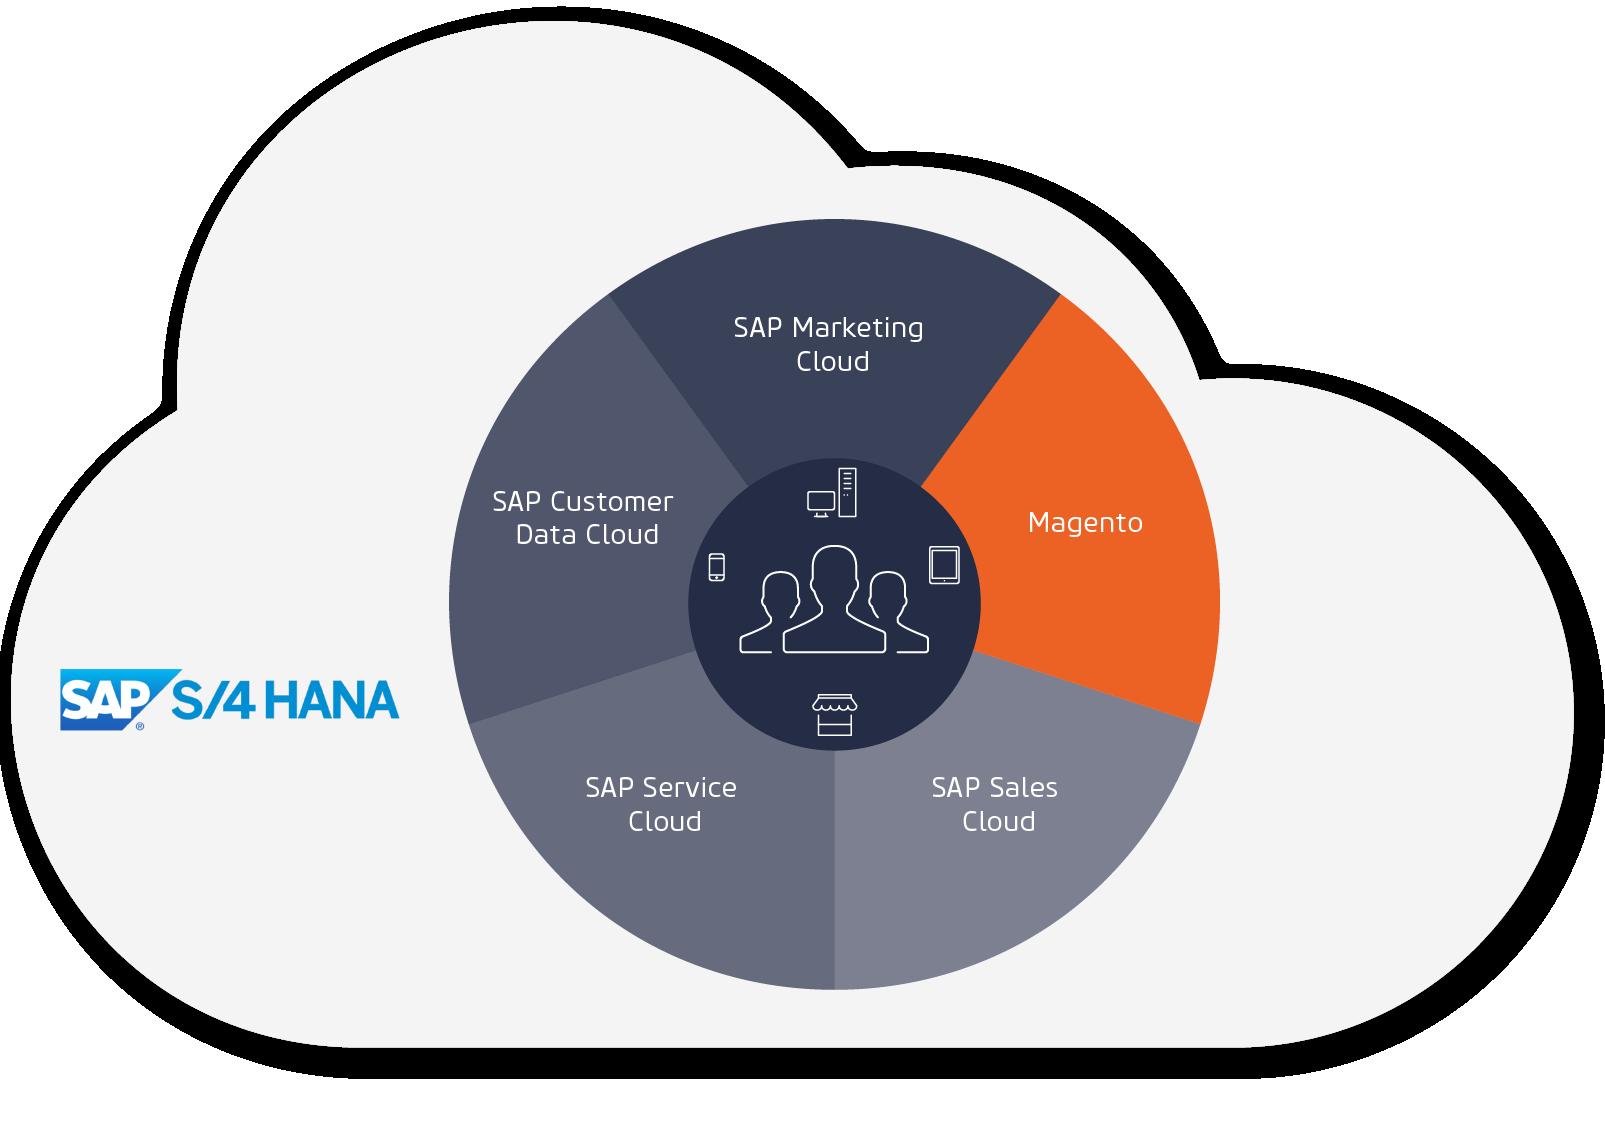 Magento fügt sich nahtlos in die SAP-Produktwelt ein.